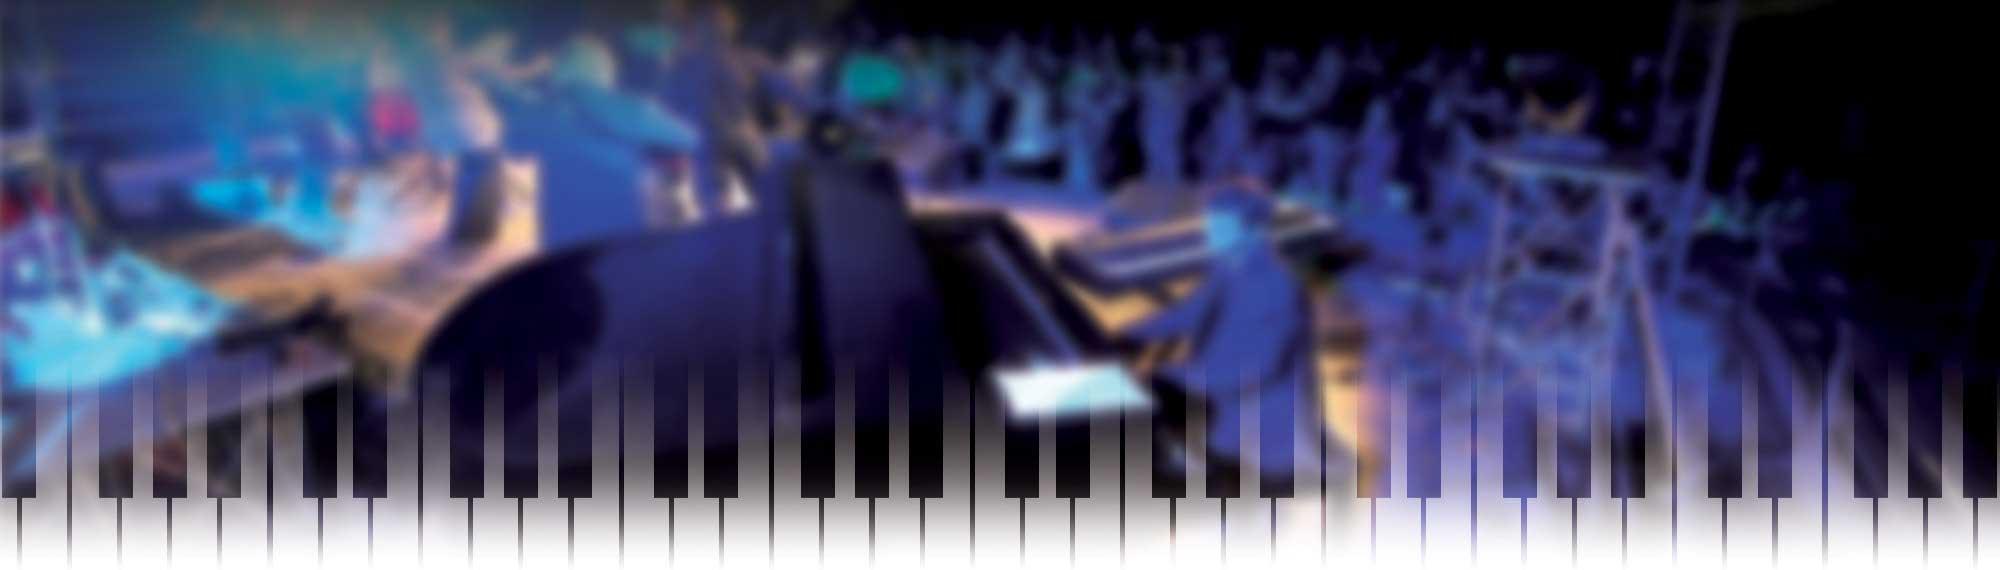 Fim_Fiera_Internazionale_della_musica_bg15